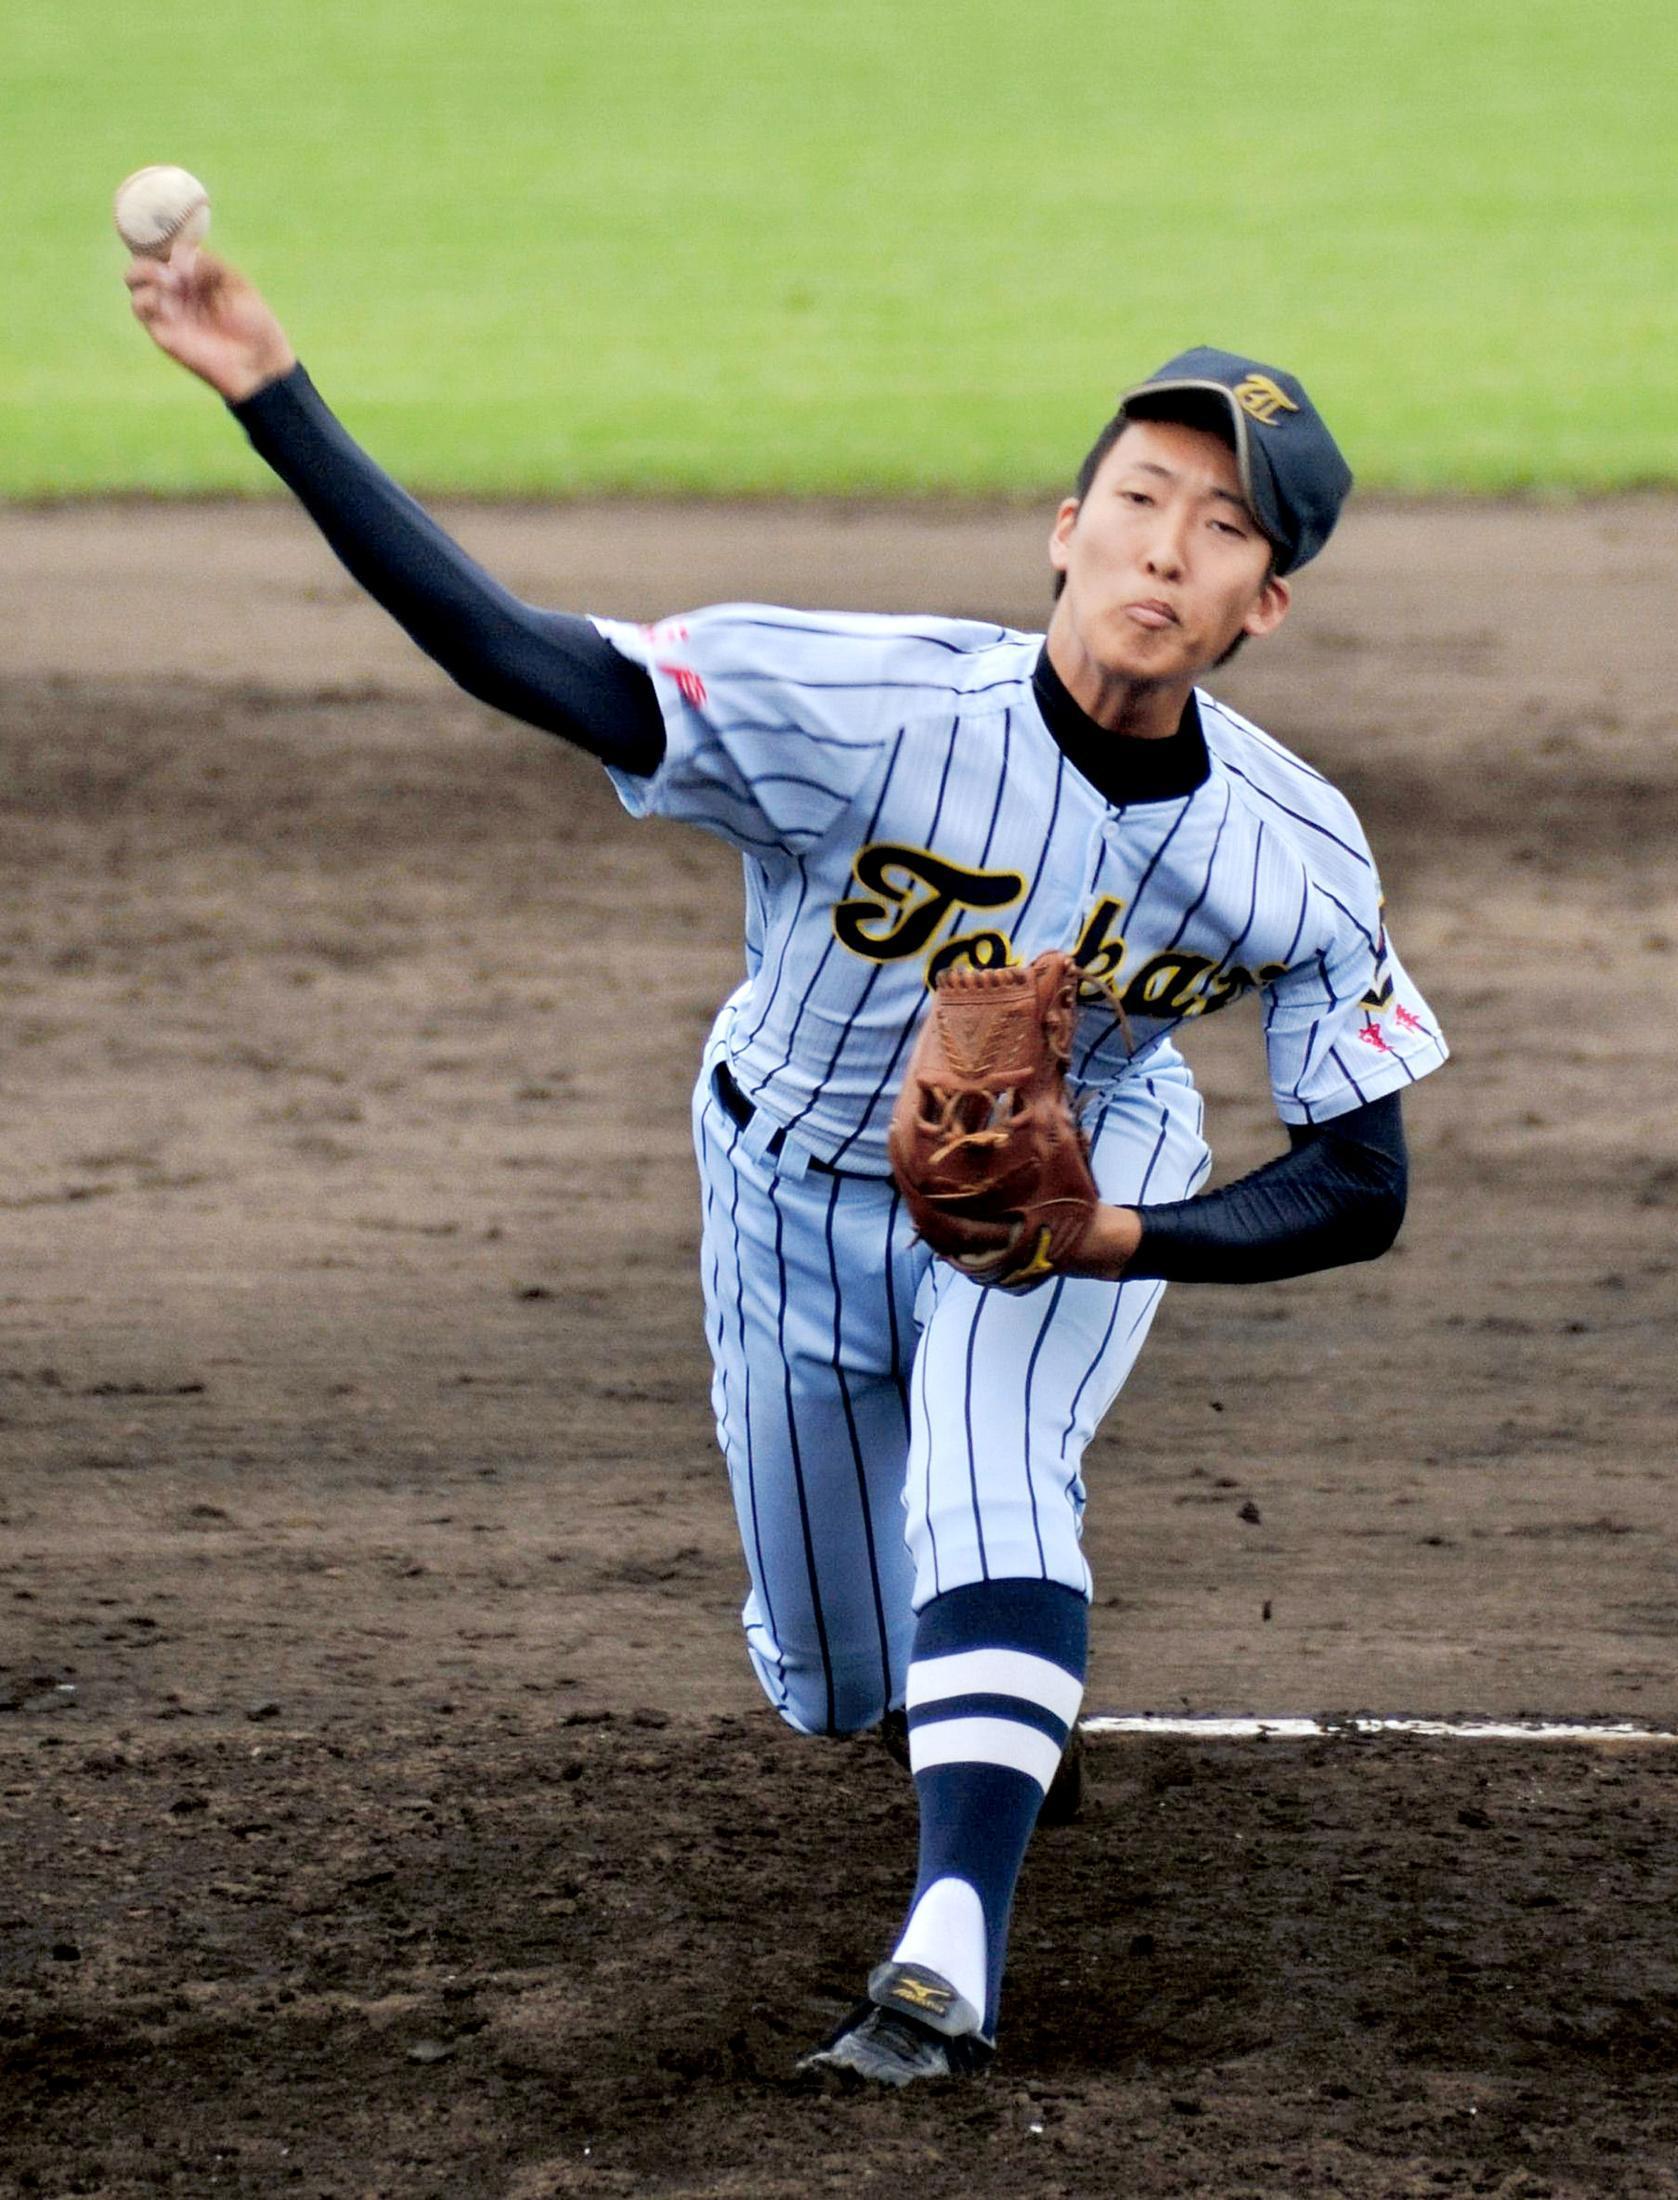 2016年ドラフト候補島孝明!阪神がひっそり指名との噂も!?U-18にも選ばれた島の魅力とは。